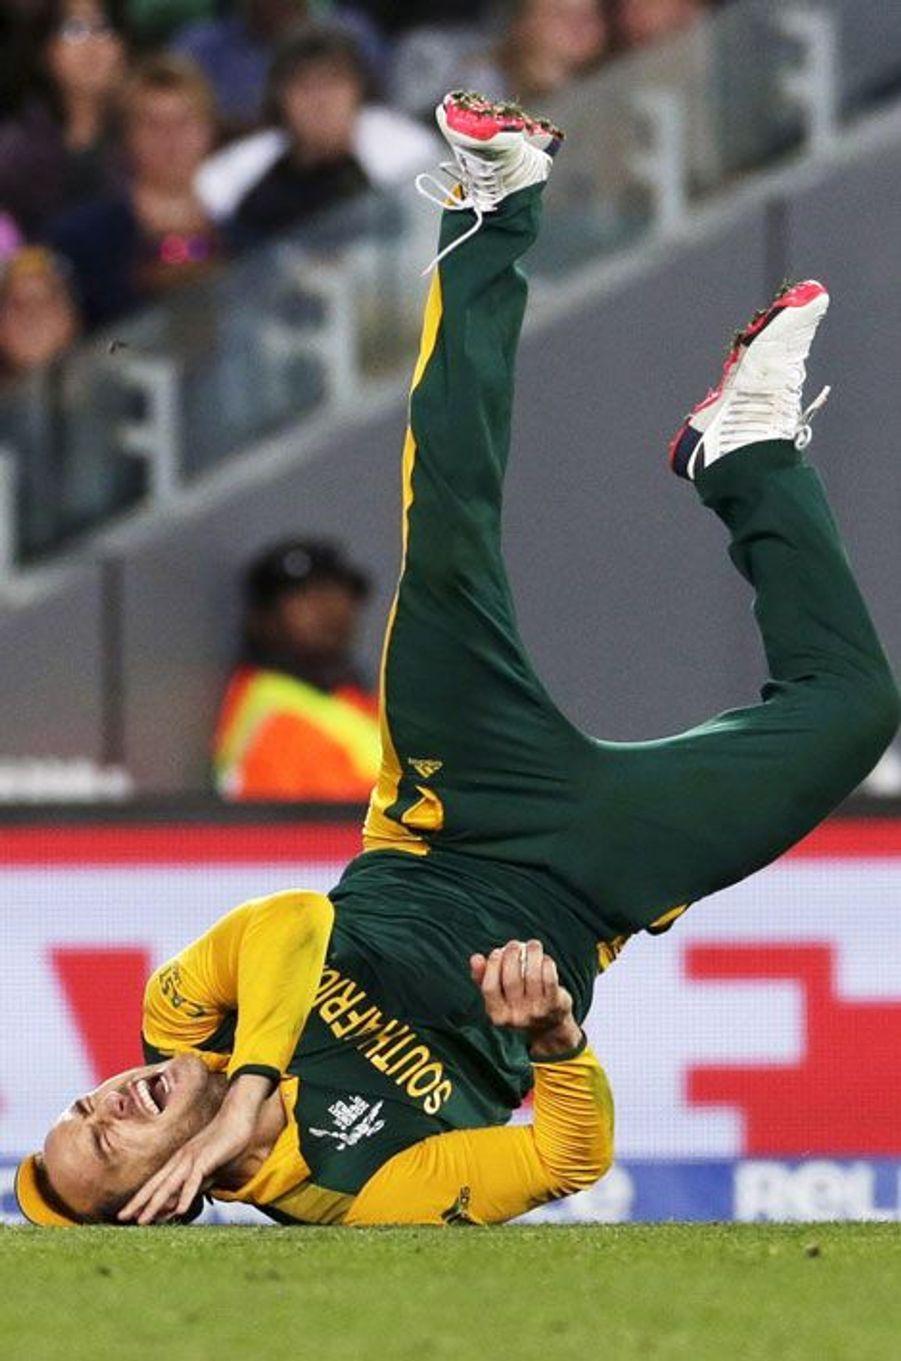 Chute du Sud-Africain Faf du Plessis en demi-finale de Coupe du monde de cricket, face à la Nouvelle-Zélande.